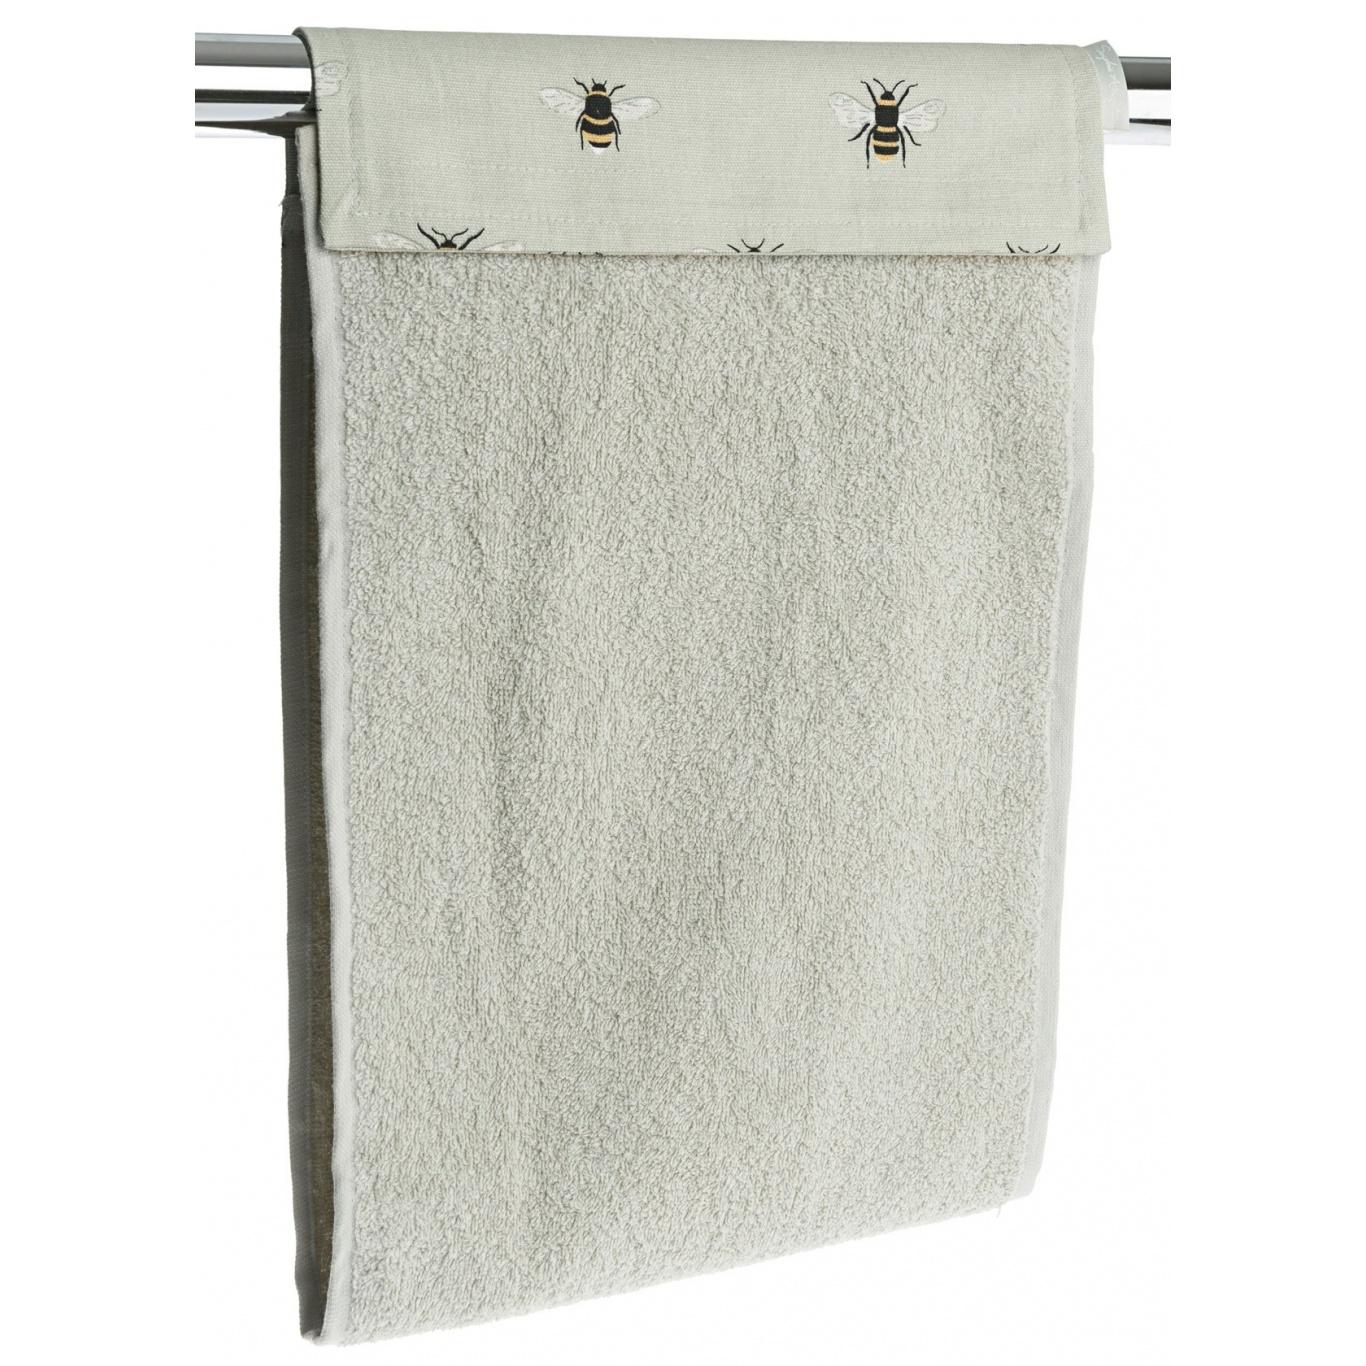 Sophie Allport Bees Roller Hand Towel